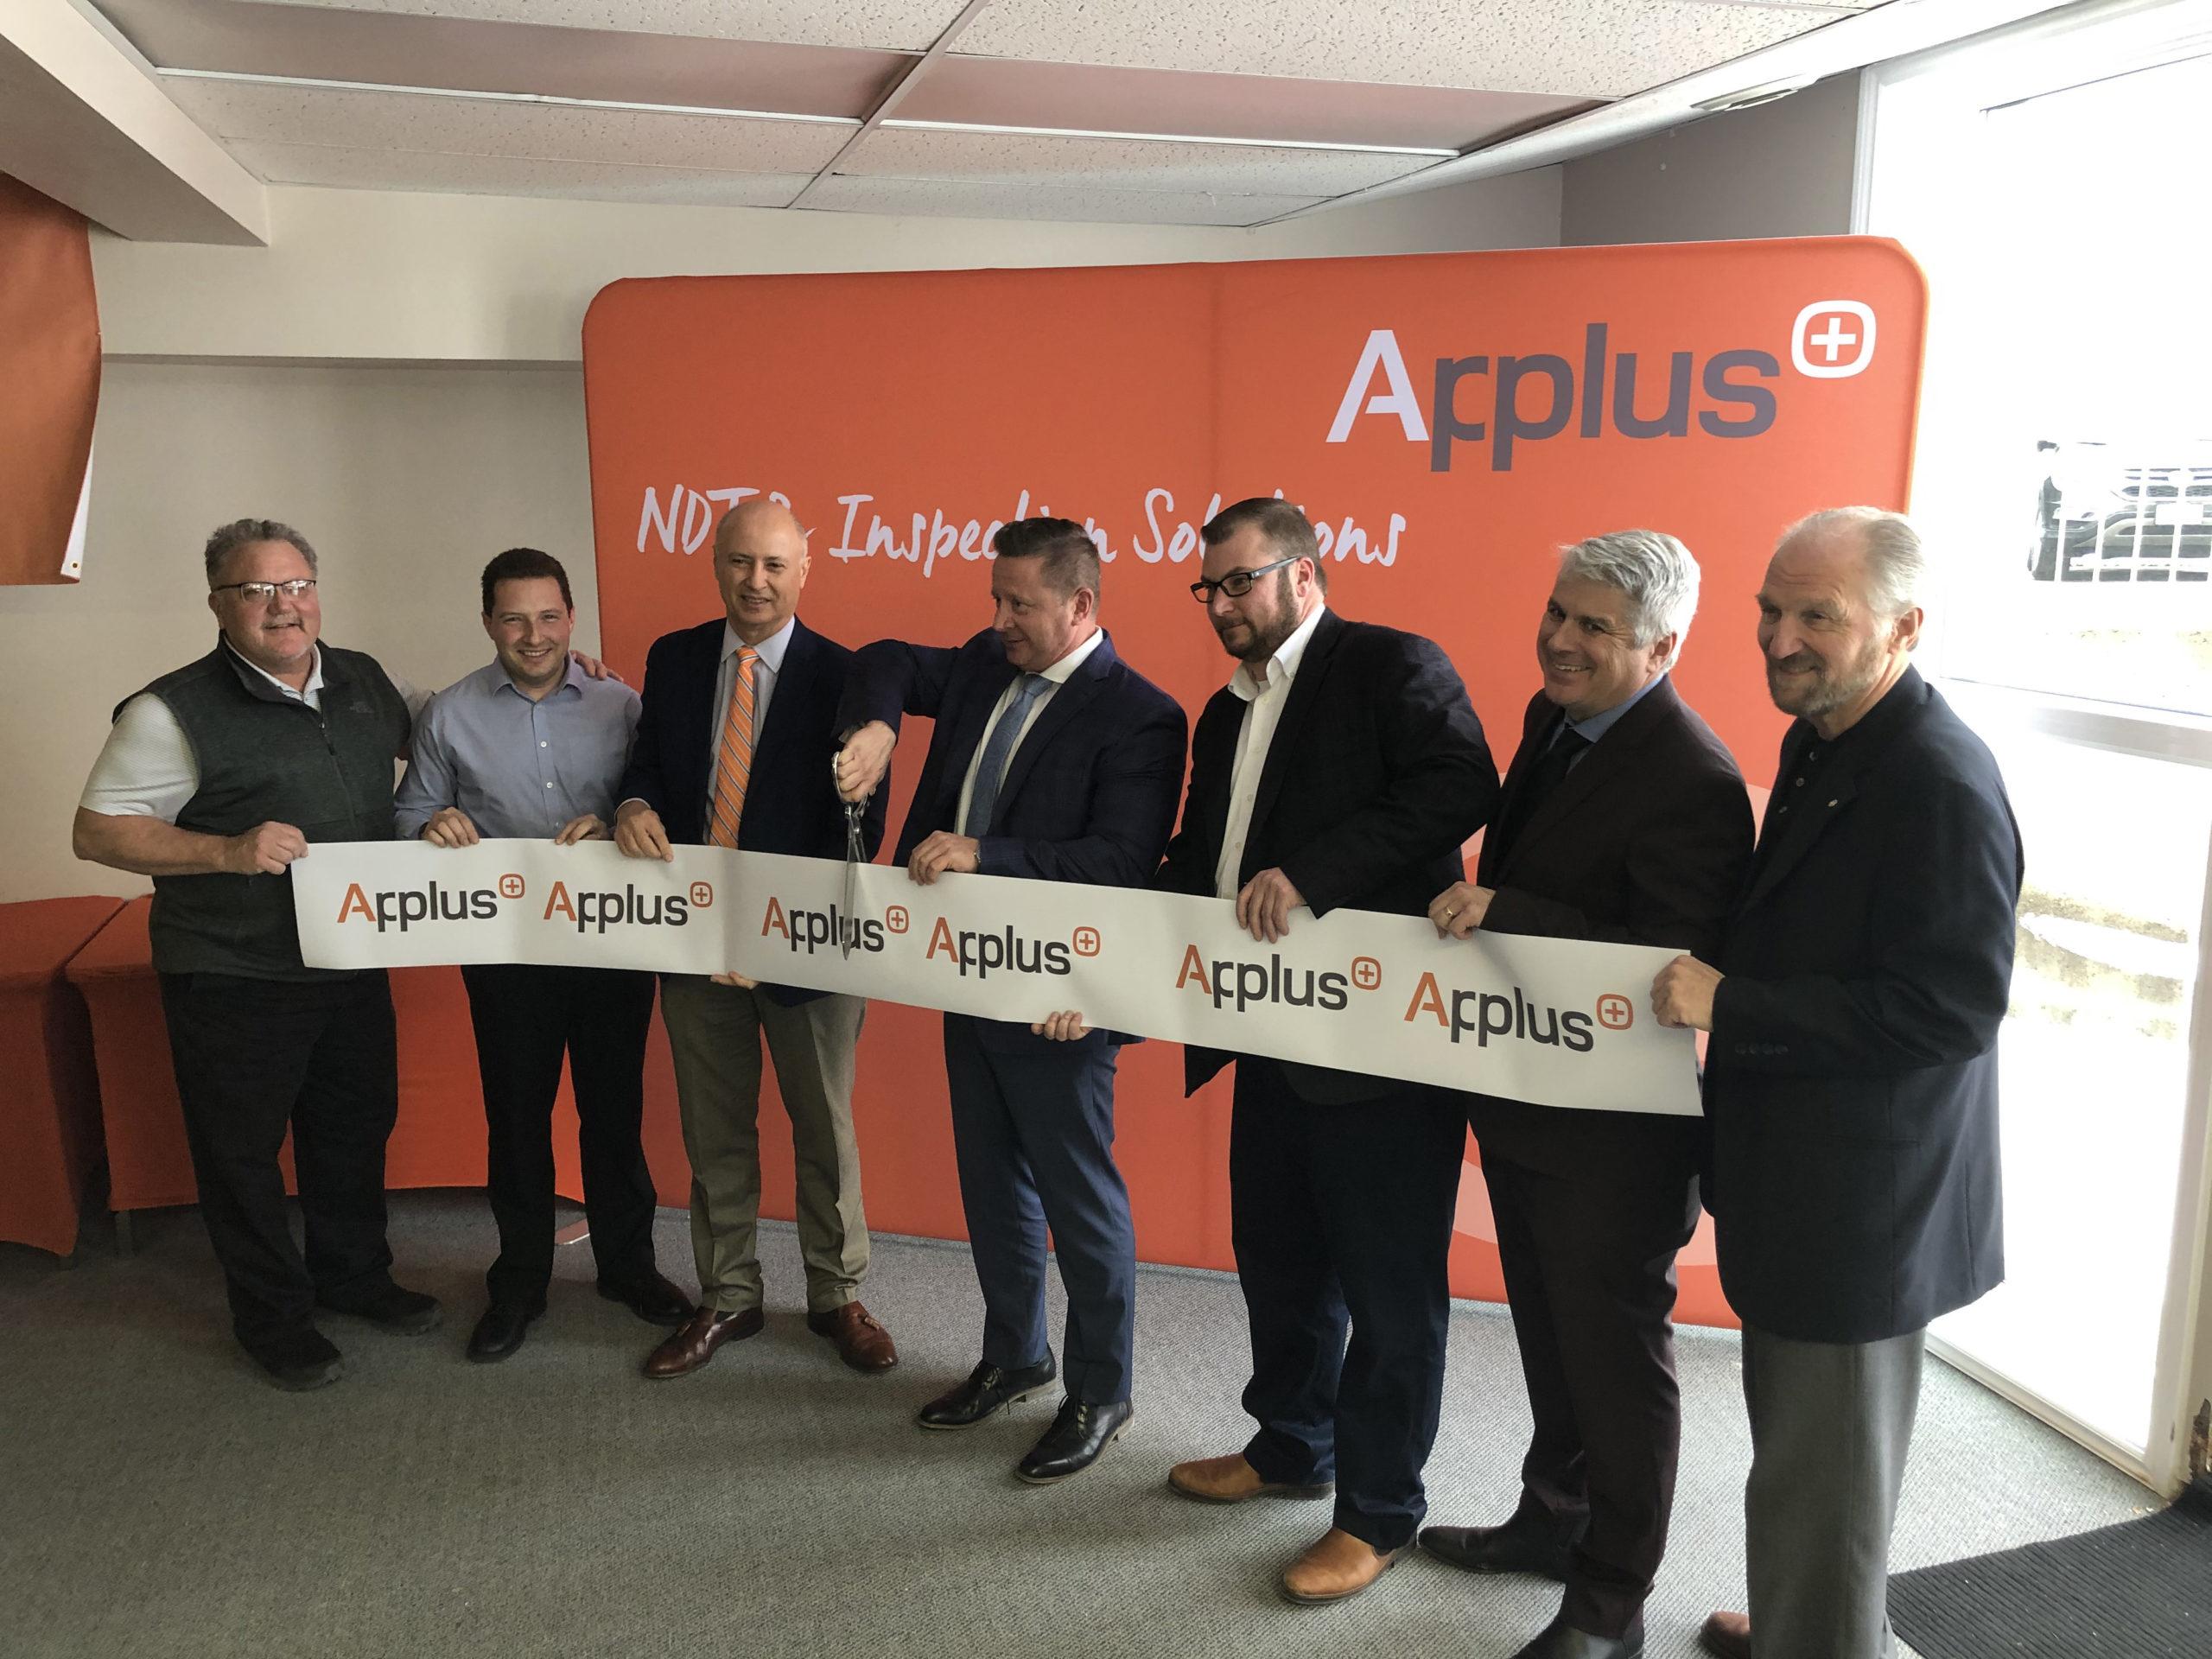 Applus Office opening in Walkerton